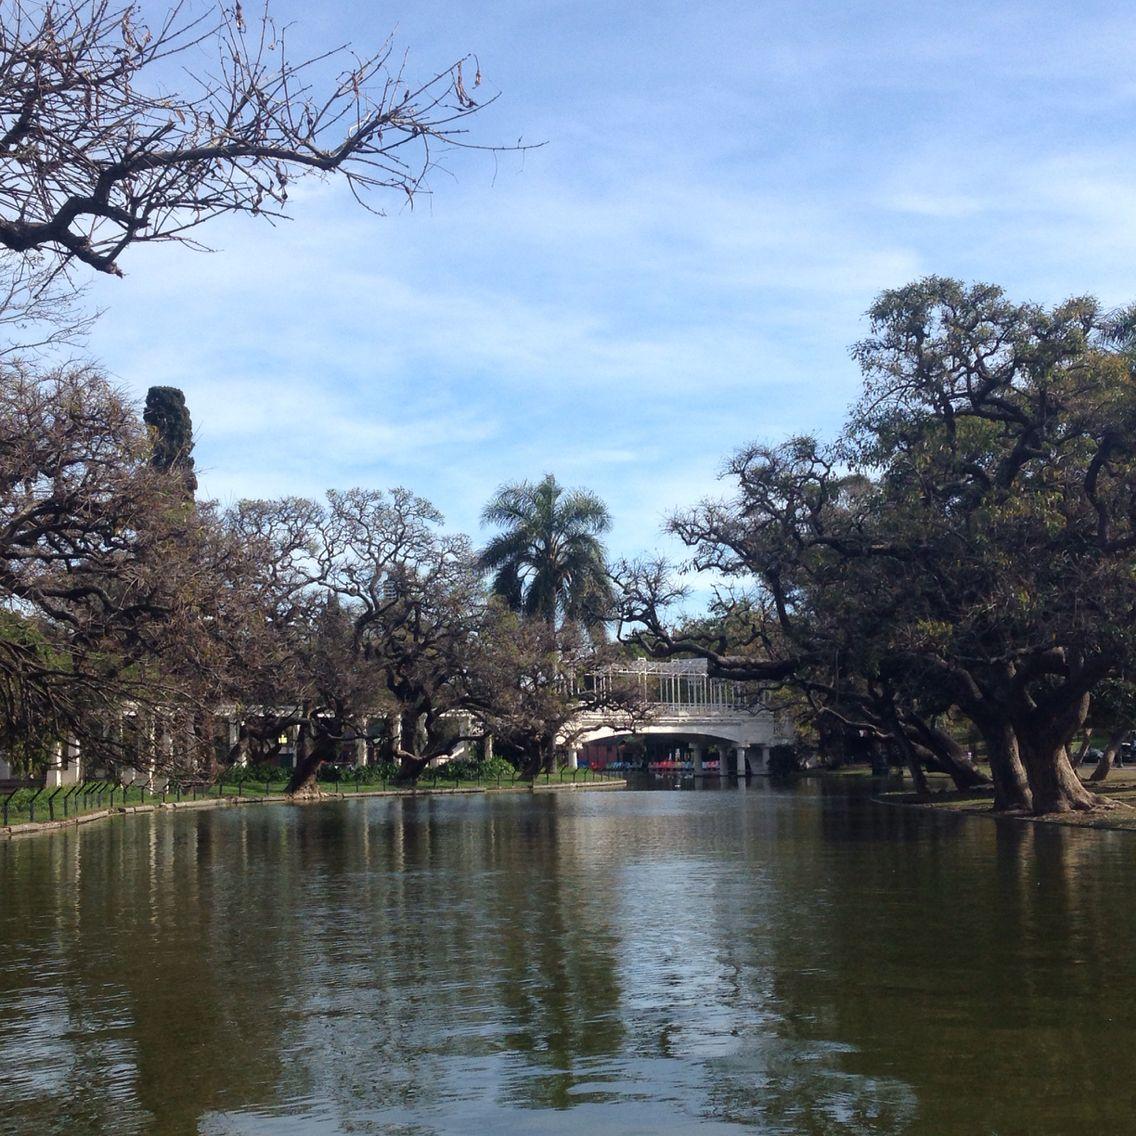 Parque 3 de febrero, Buenos Aires - AR